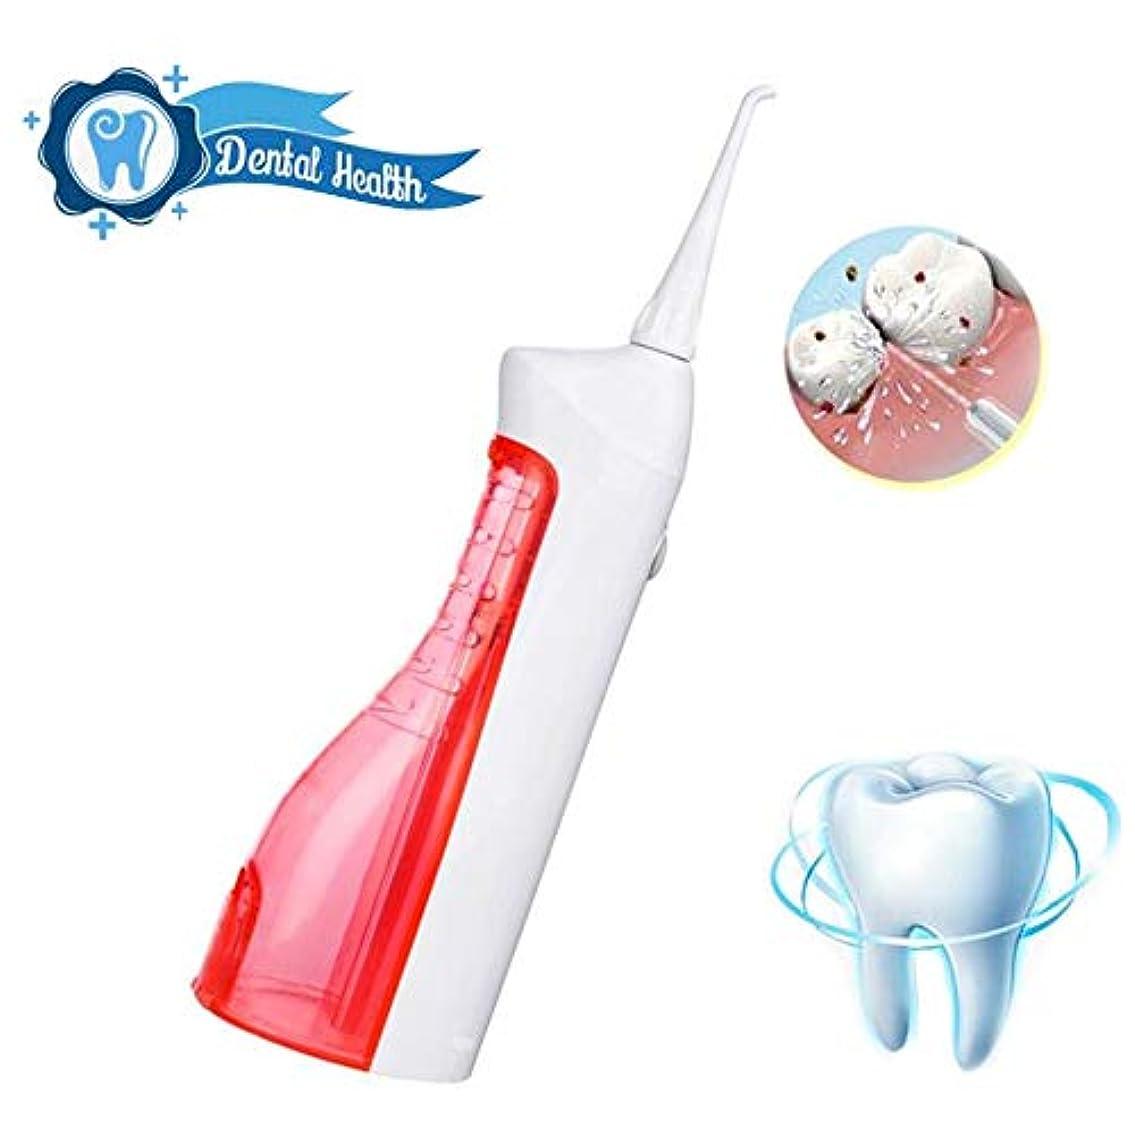 殉教者マージンコーラス歯のためのウォーターフロッサー、ポータブルプロフェッショナルコードレス歯科口腔灌漑器(150mlタンク、2本のジェットチップ付き)歯磨き粉用クリーナー、2つのクリーニングモード、USB充電式、IPX7